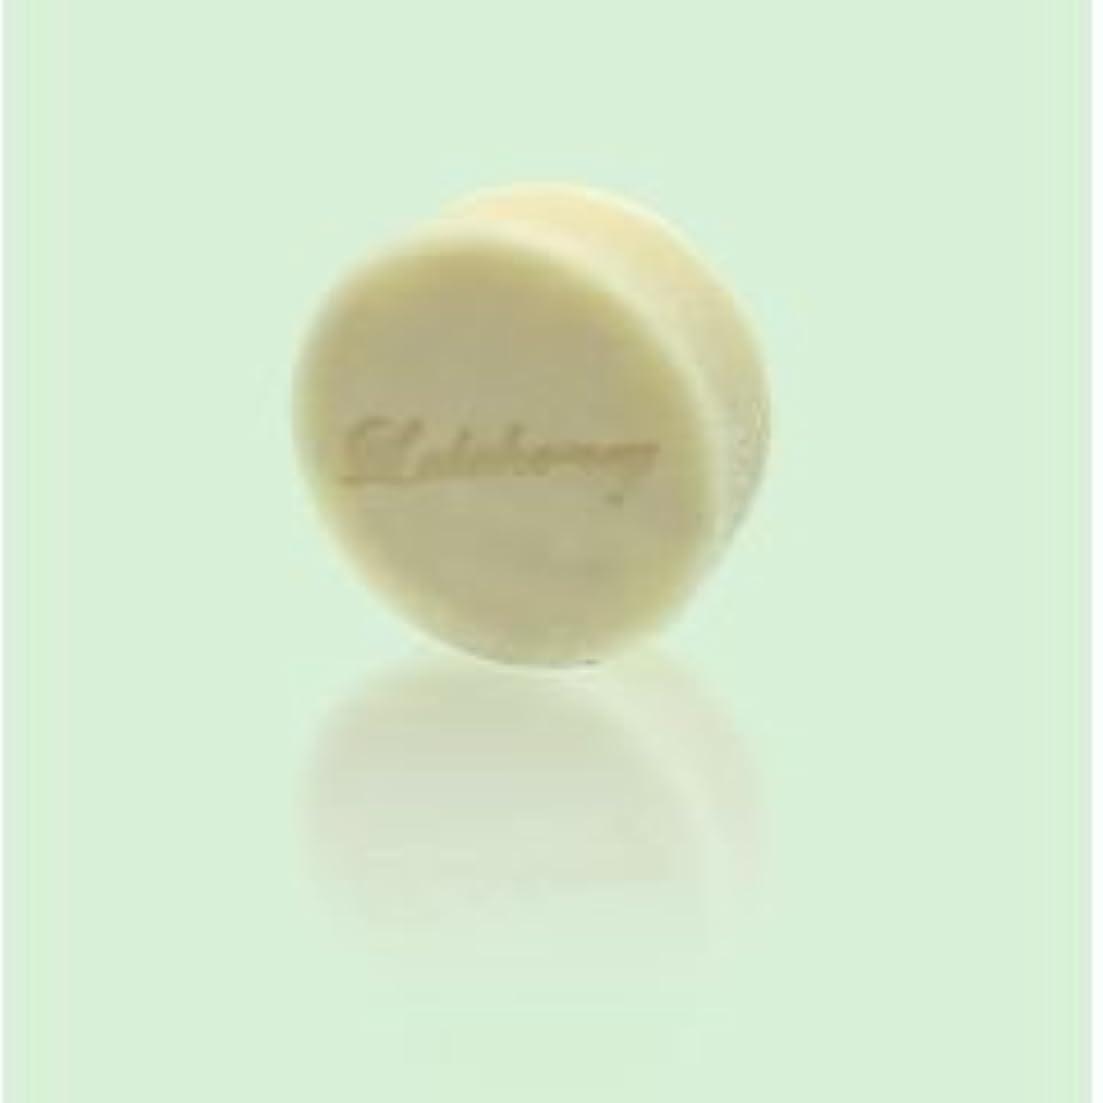 社会のぞき見展示会LALAHONEY 石鹸〈アロマシリーズ?瞑想〉80g【手作りでシンプルなコールドプロセス製法】